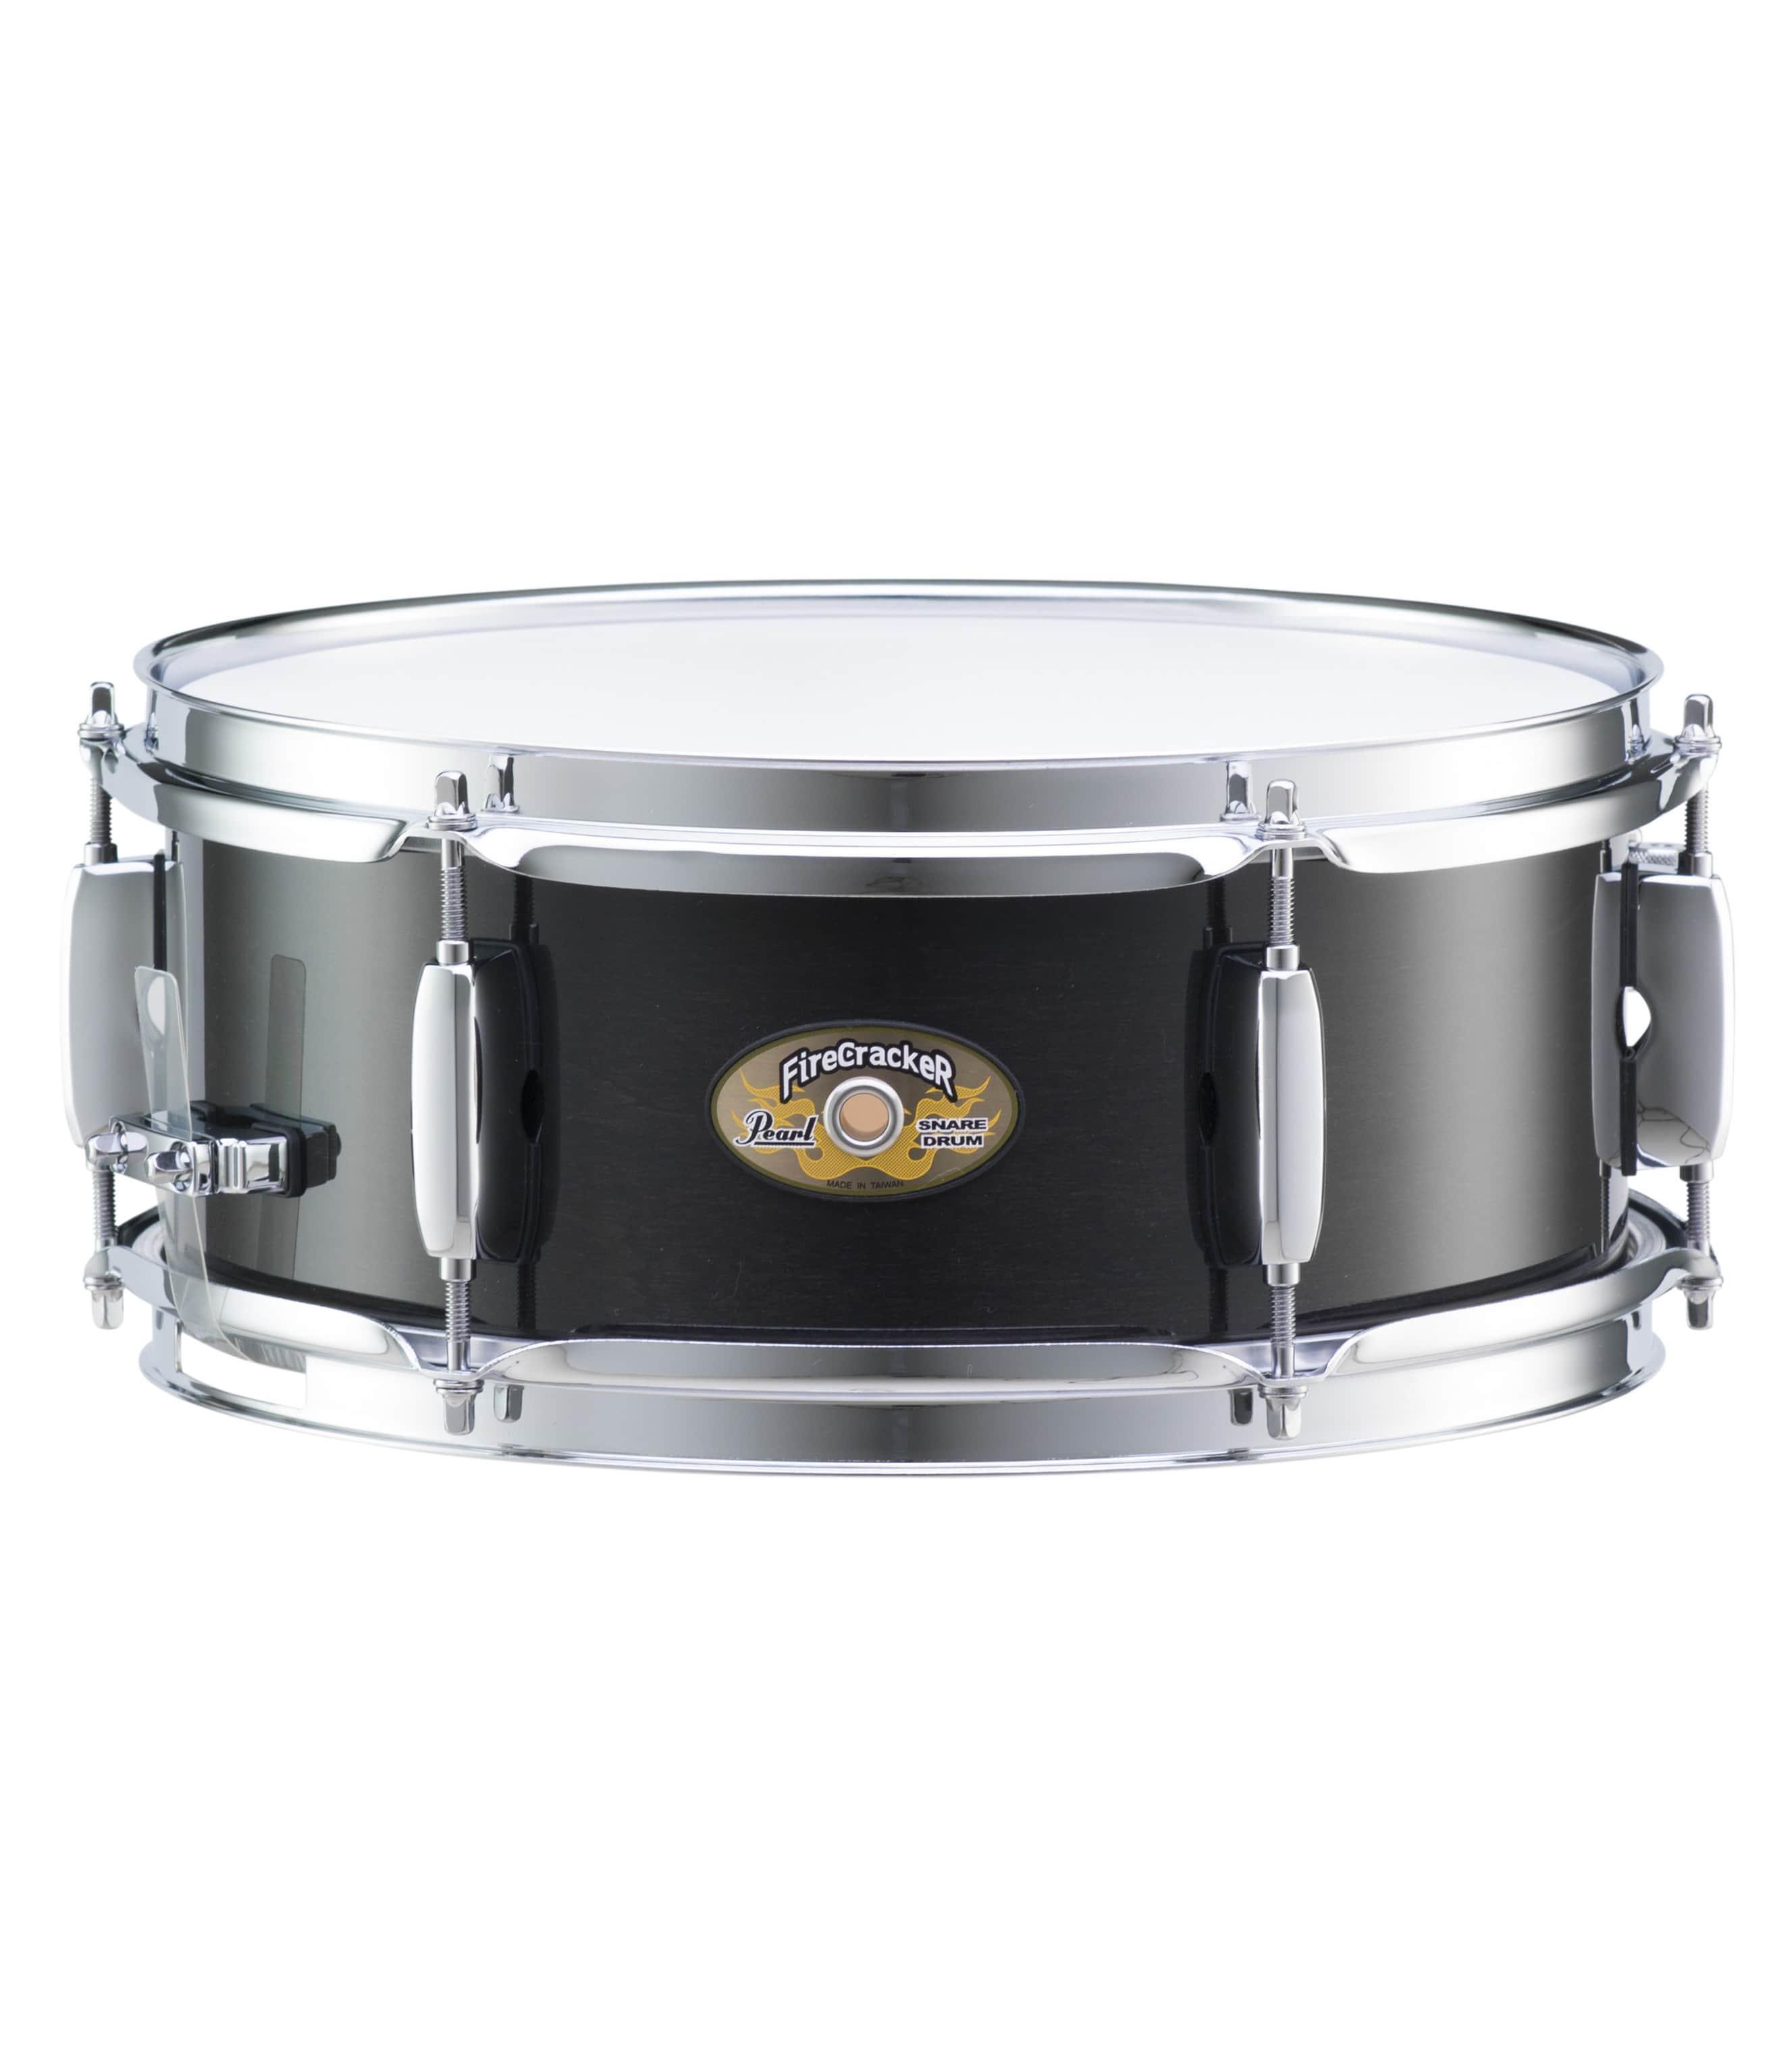 Buy pearl - FCP1250 271 12 x 5 0 FireCracker 8ply Poplar